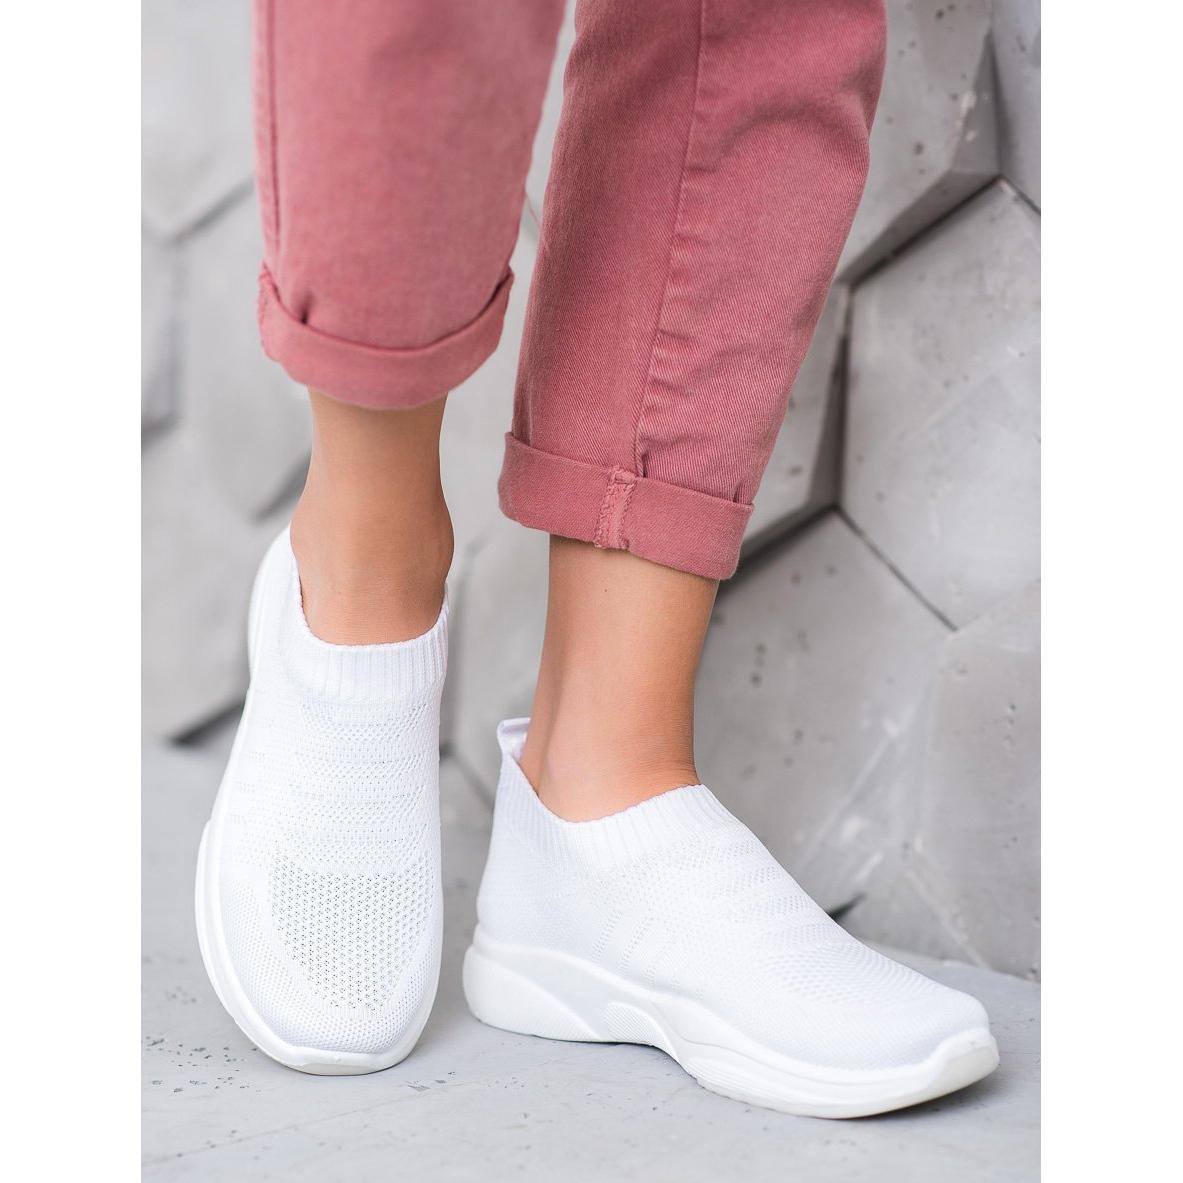 Sweet-Shoes-Zapatillas-de-plataforma-comodas-blanco miniatura 2